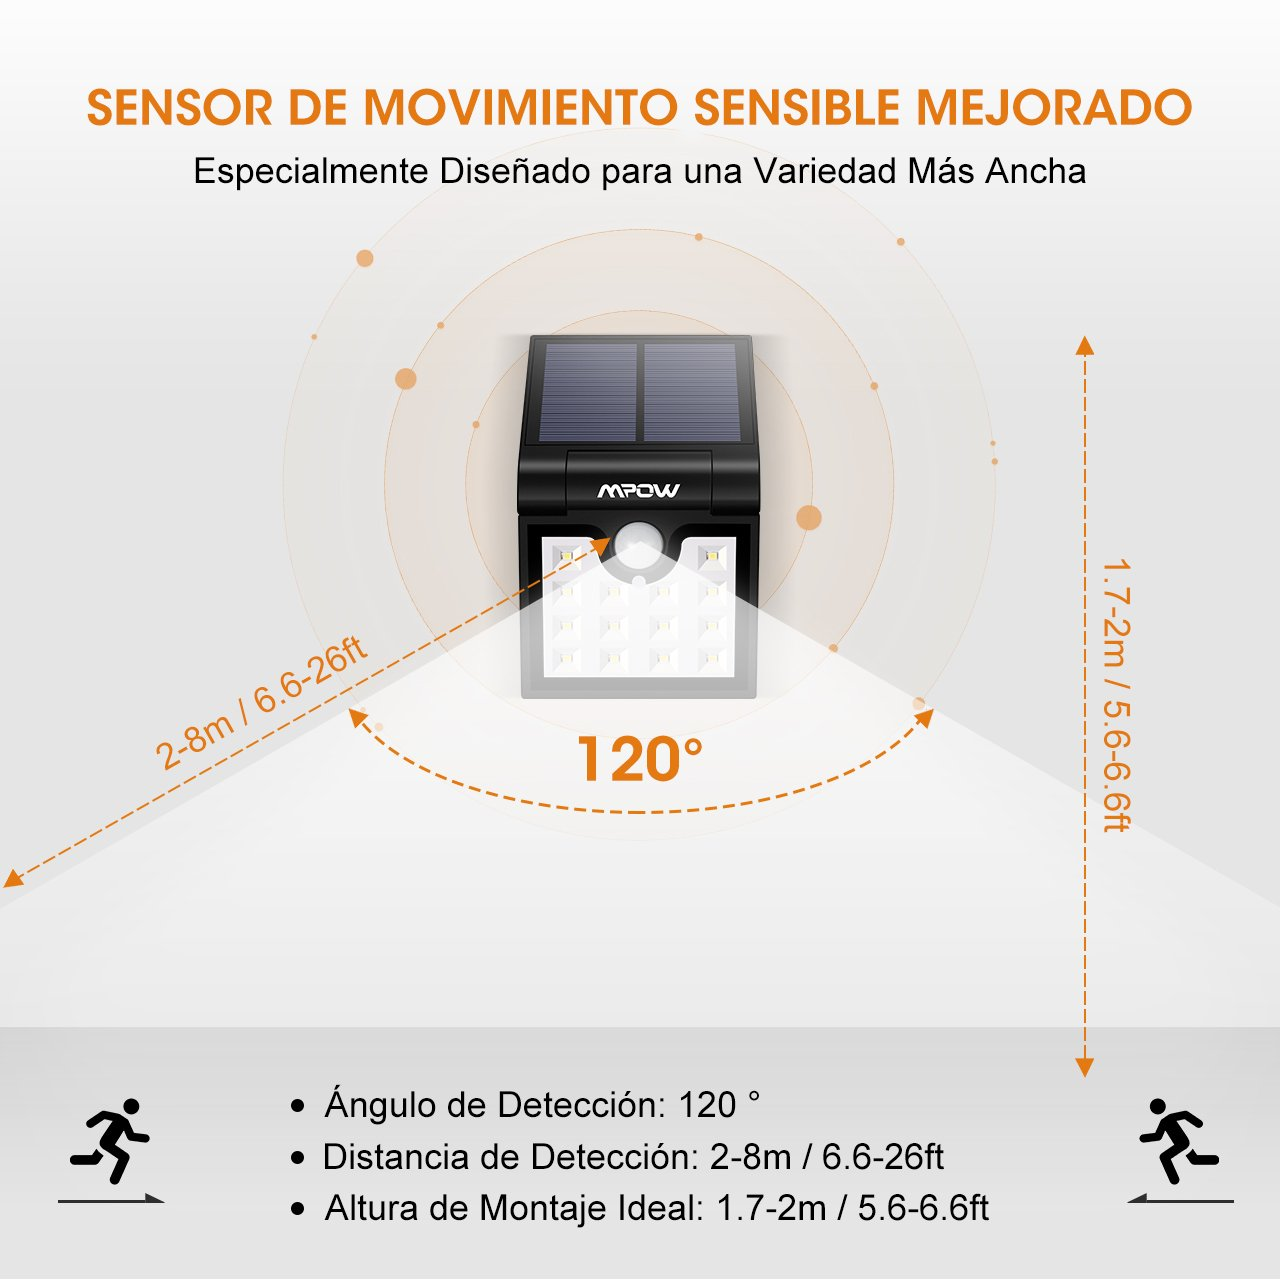 Mpow 14 LED Luz Solar Plegable, Sensor de Movimiento de 120°, Luz Exterior Portátil, Luz de Exterior Brillante, Fácil de Llevar para Jardín, Calzada, ...